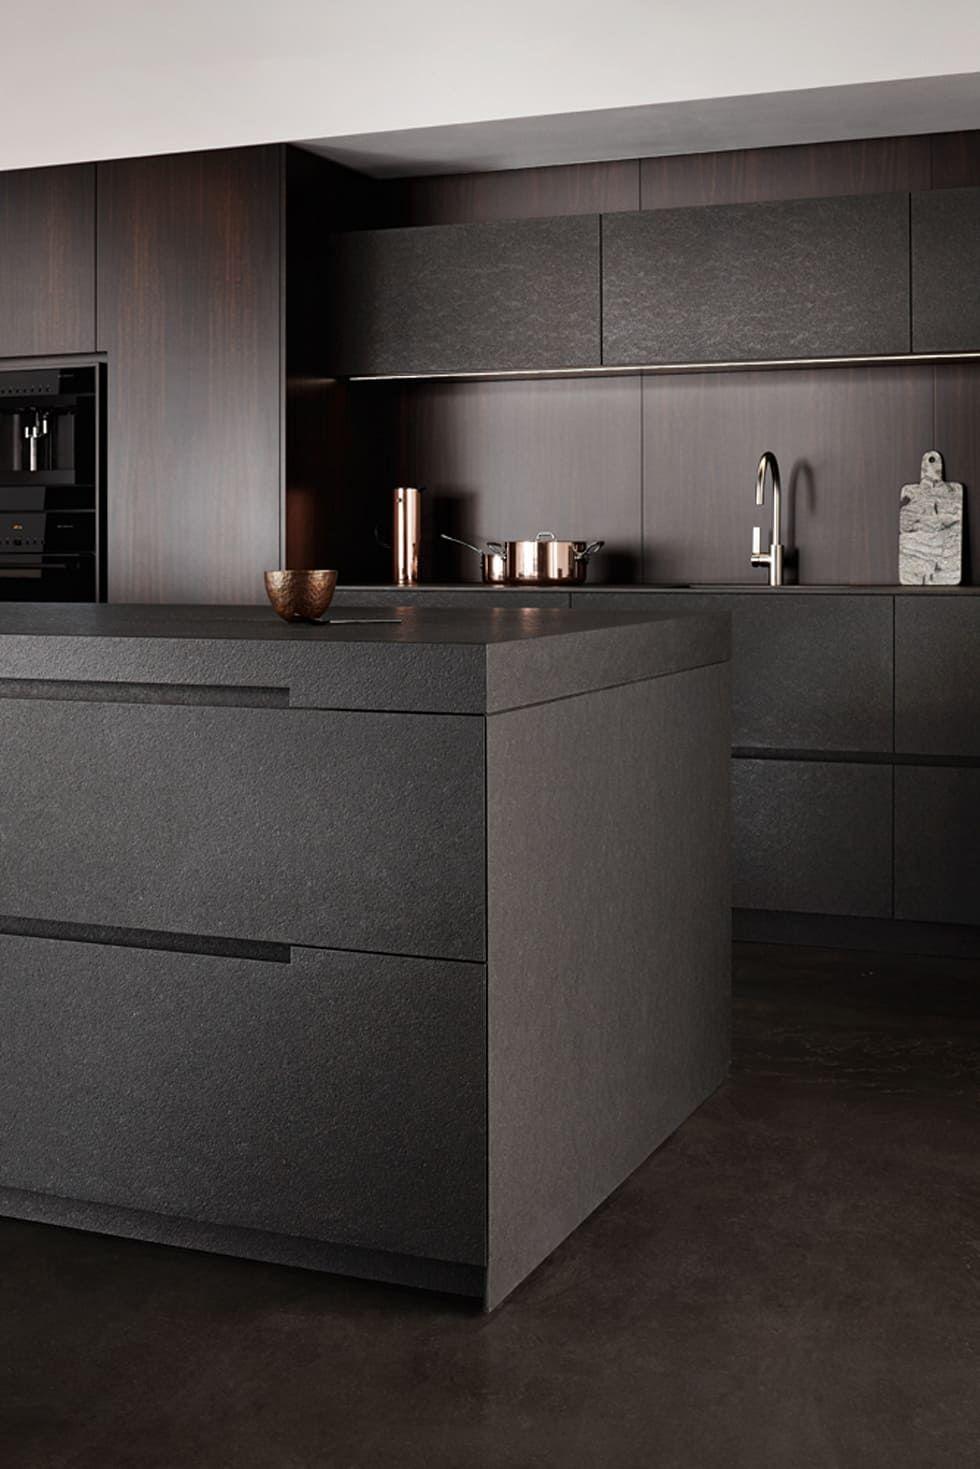 Photo of Cucine moderne uniche Eggersmann di rother küchenkonzepte + möbeldesign gmbh modern | homify